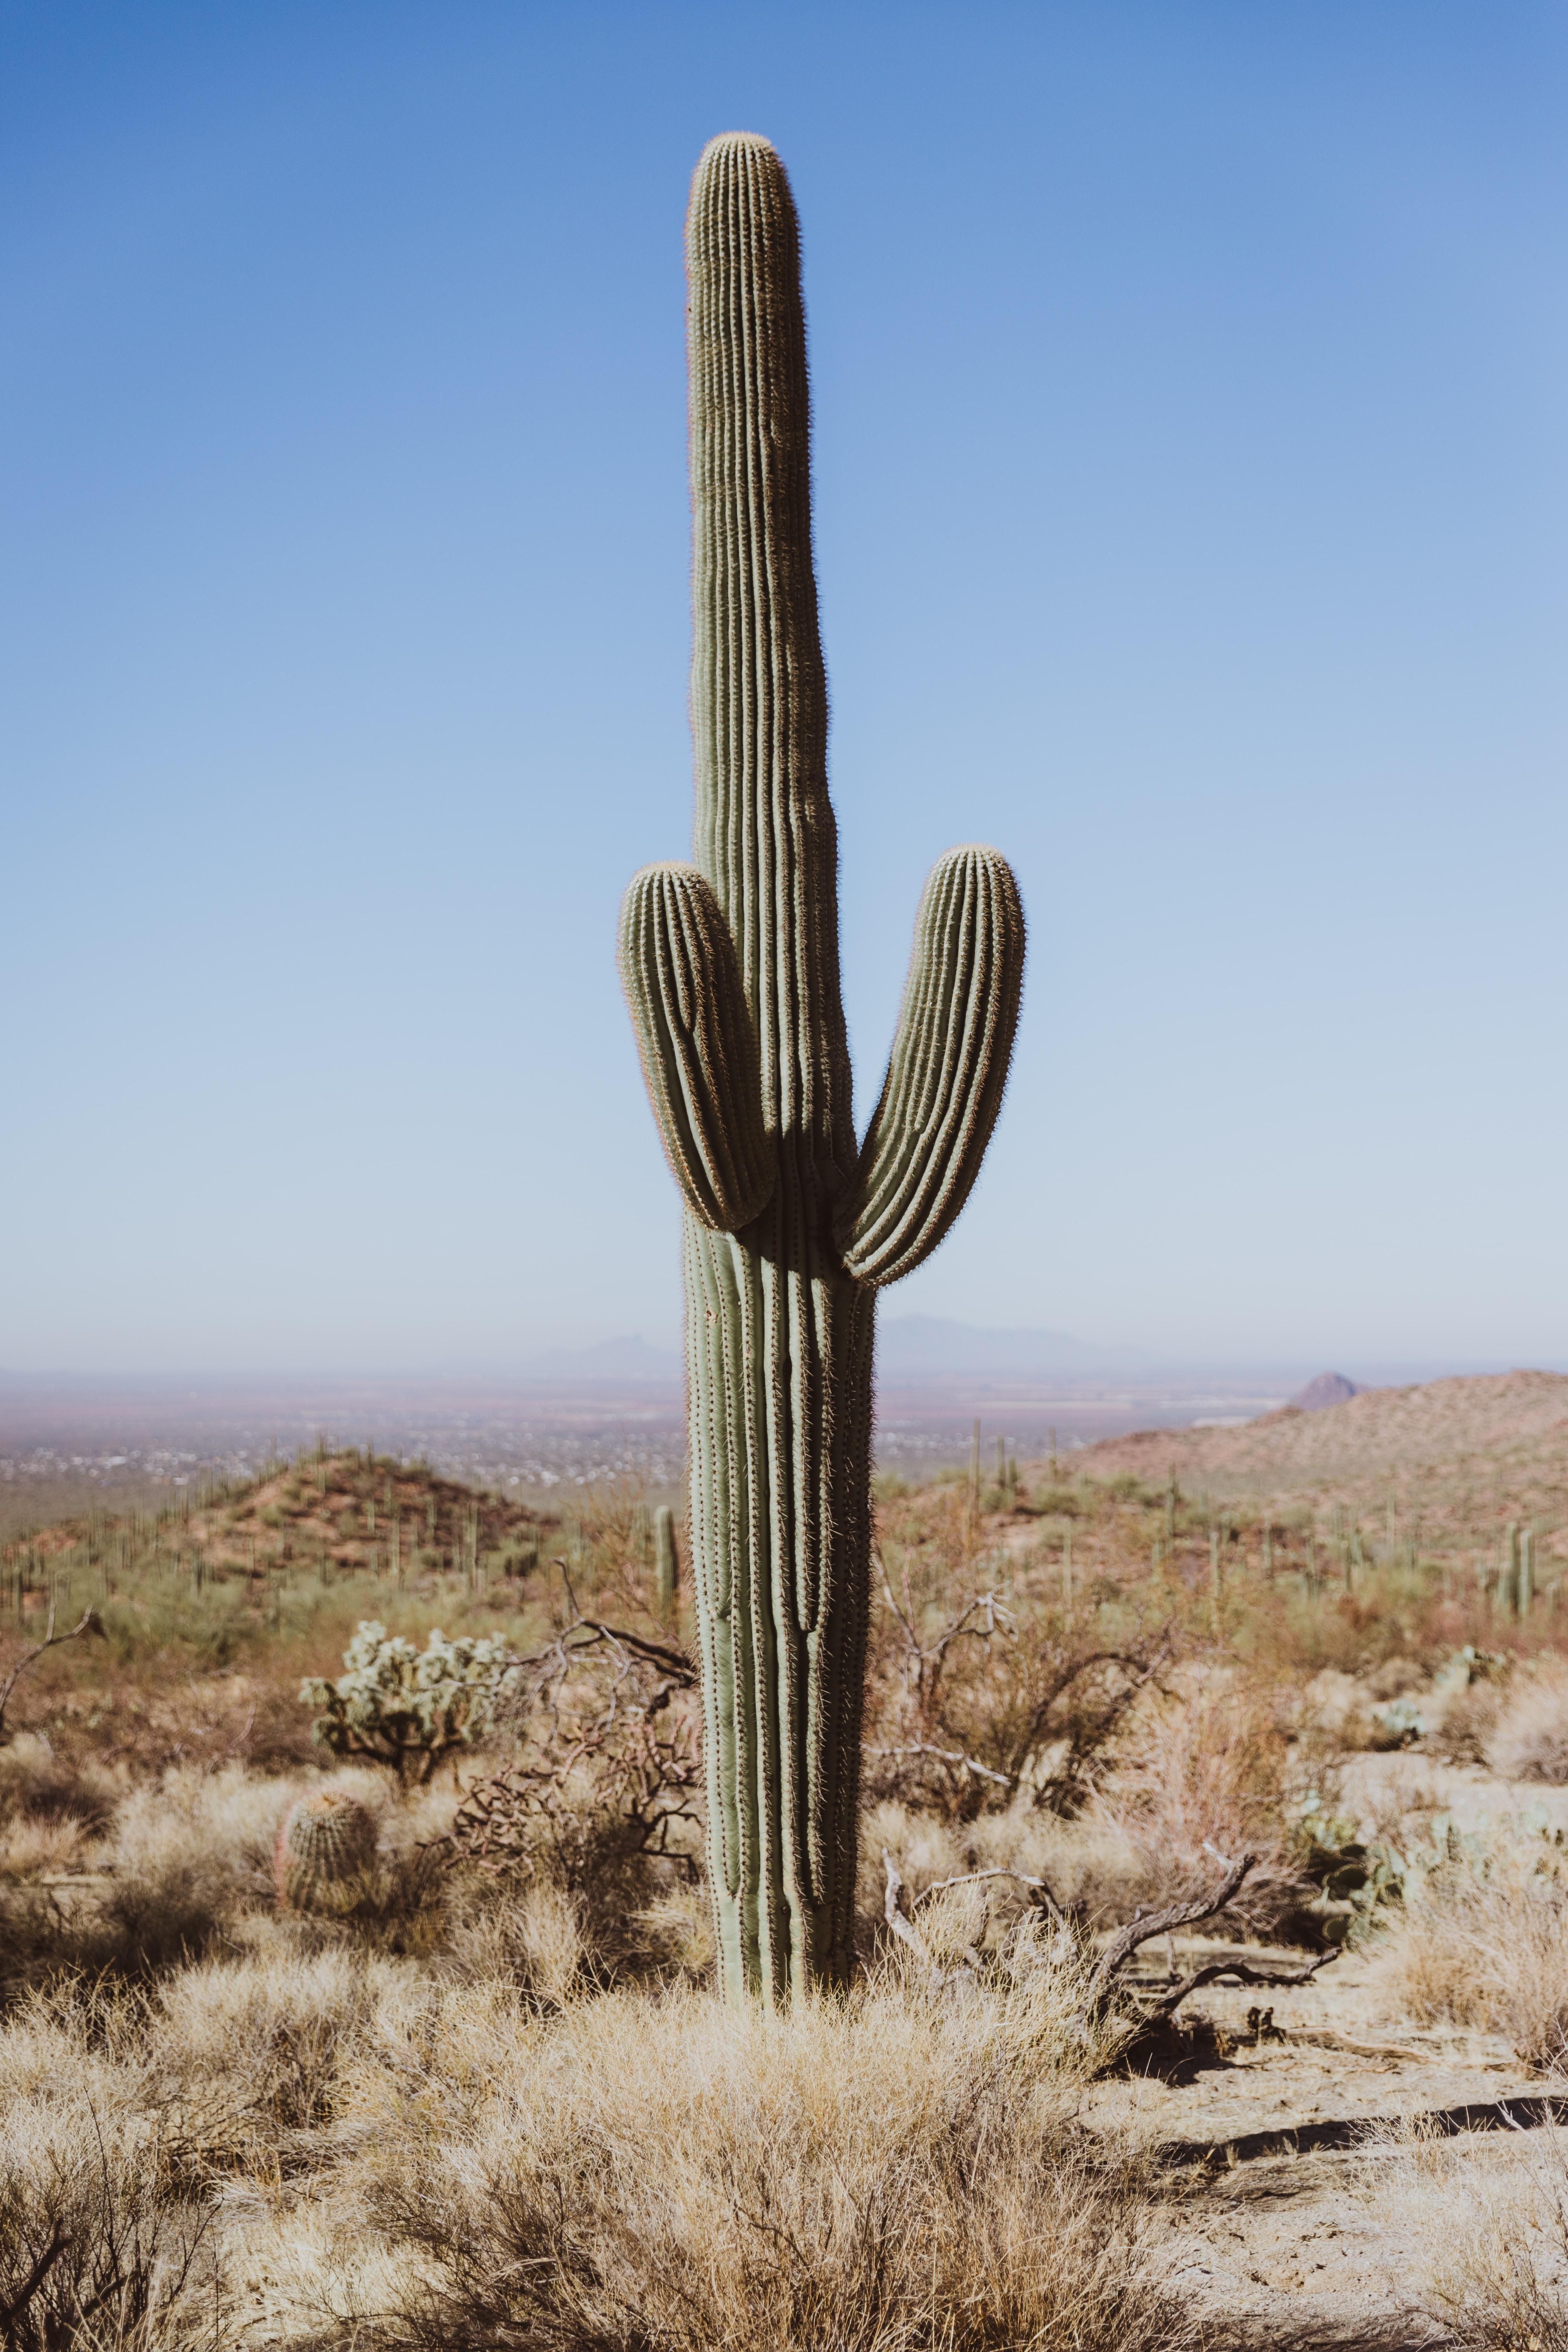 cactus plant closeup photography